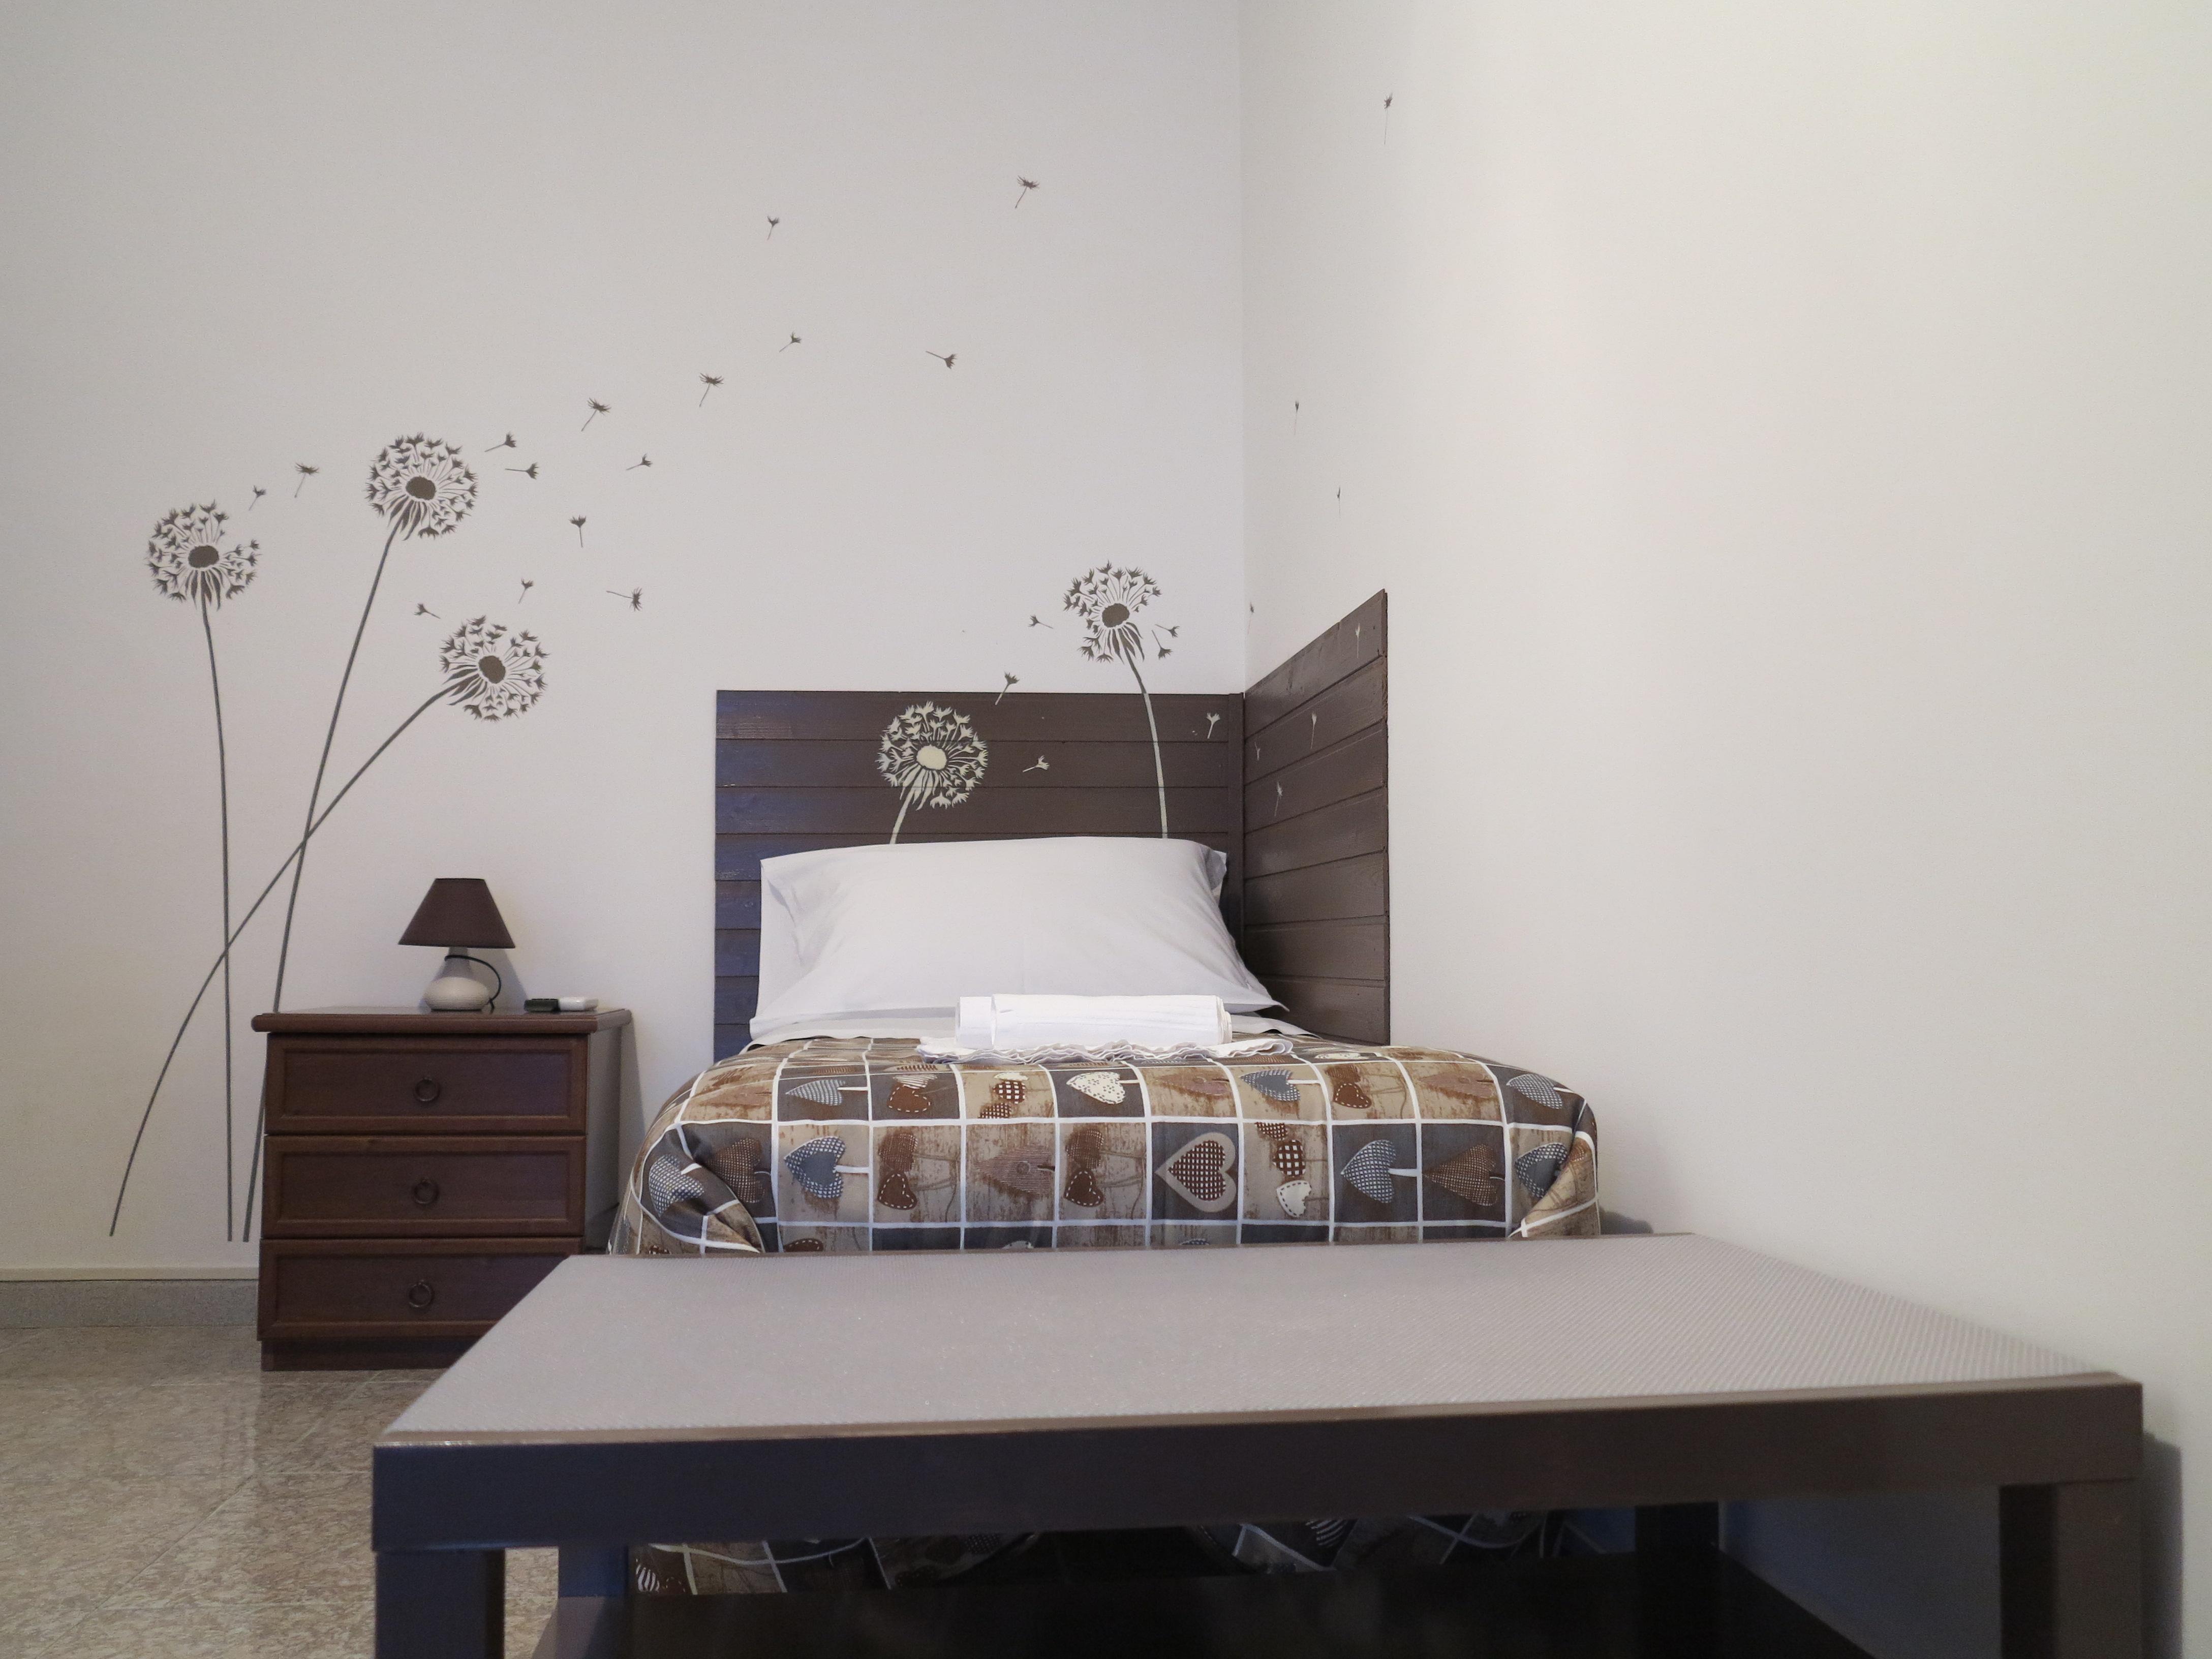 Letto stanza Maria poggia valigia camera singola doppia bagno ingresso indipendente